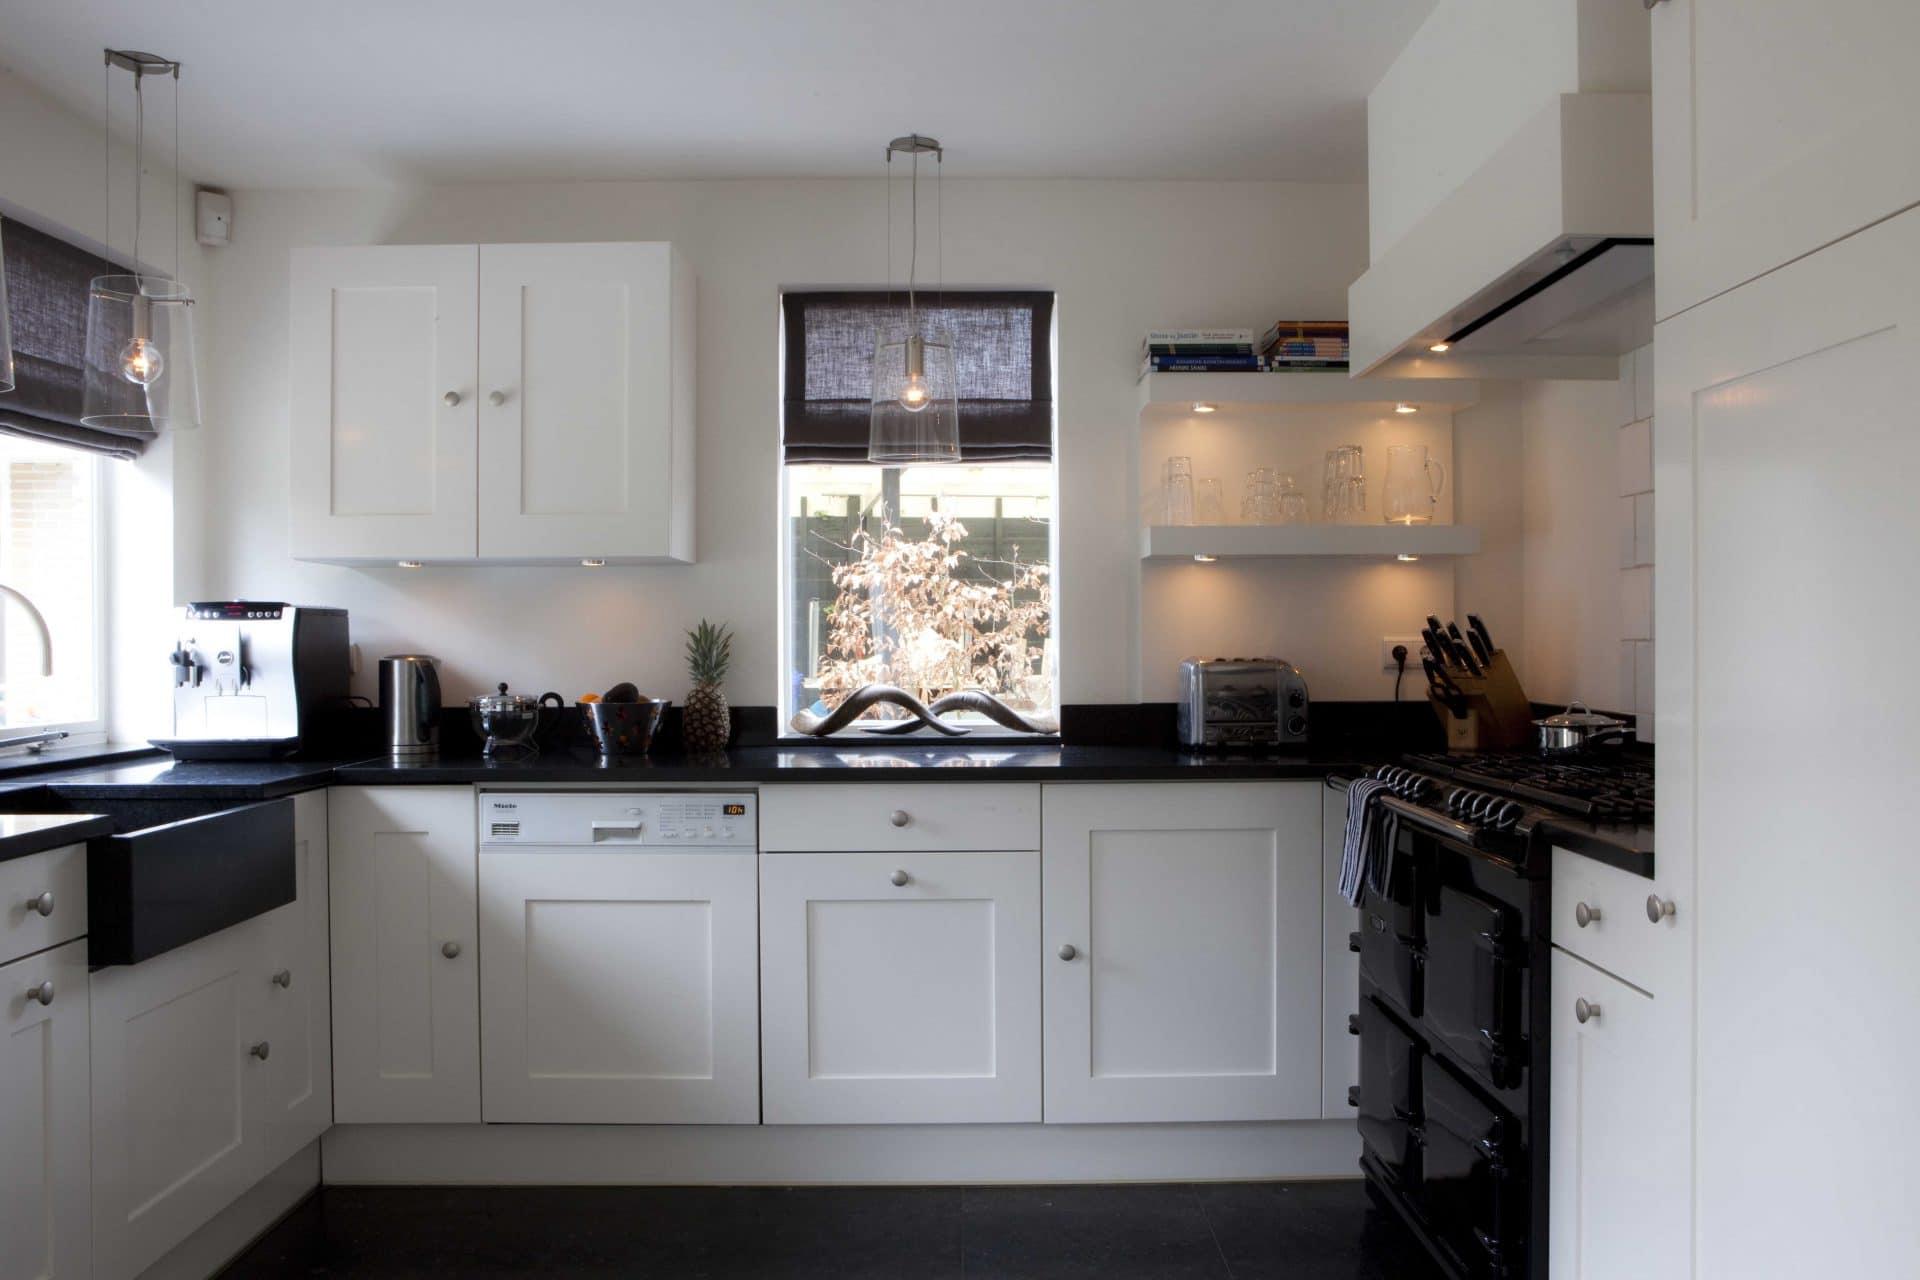 keuken 20tiger jaren hoekvilla met verlaagde spoelbak en fornuis